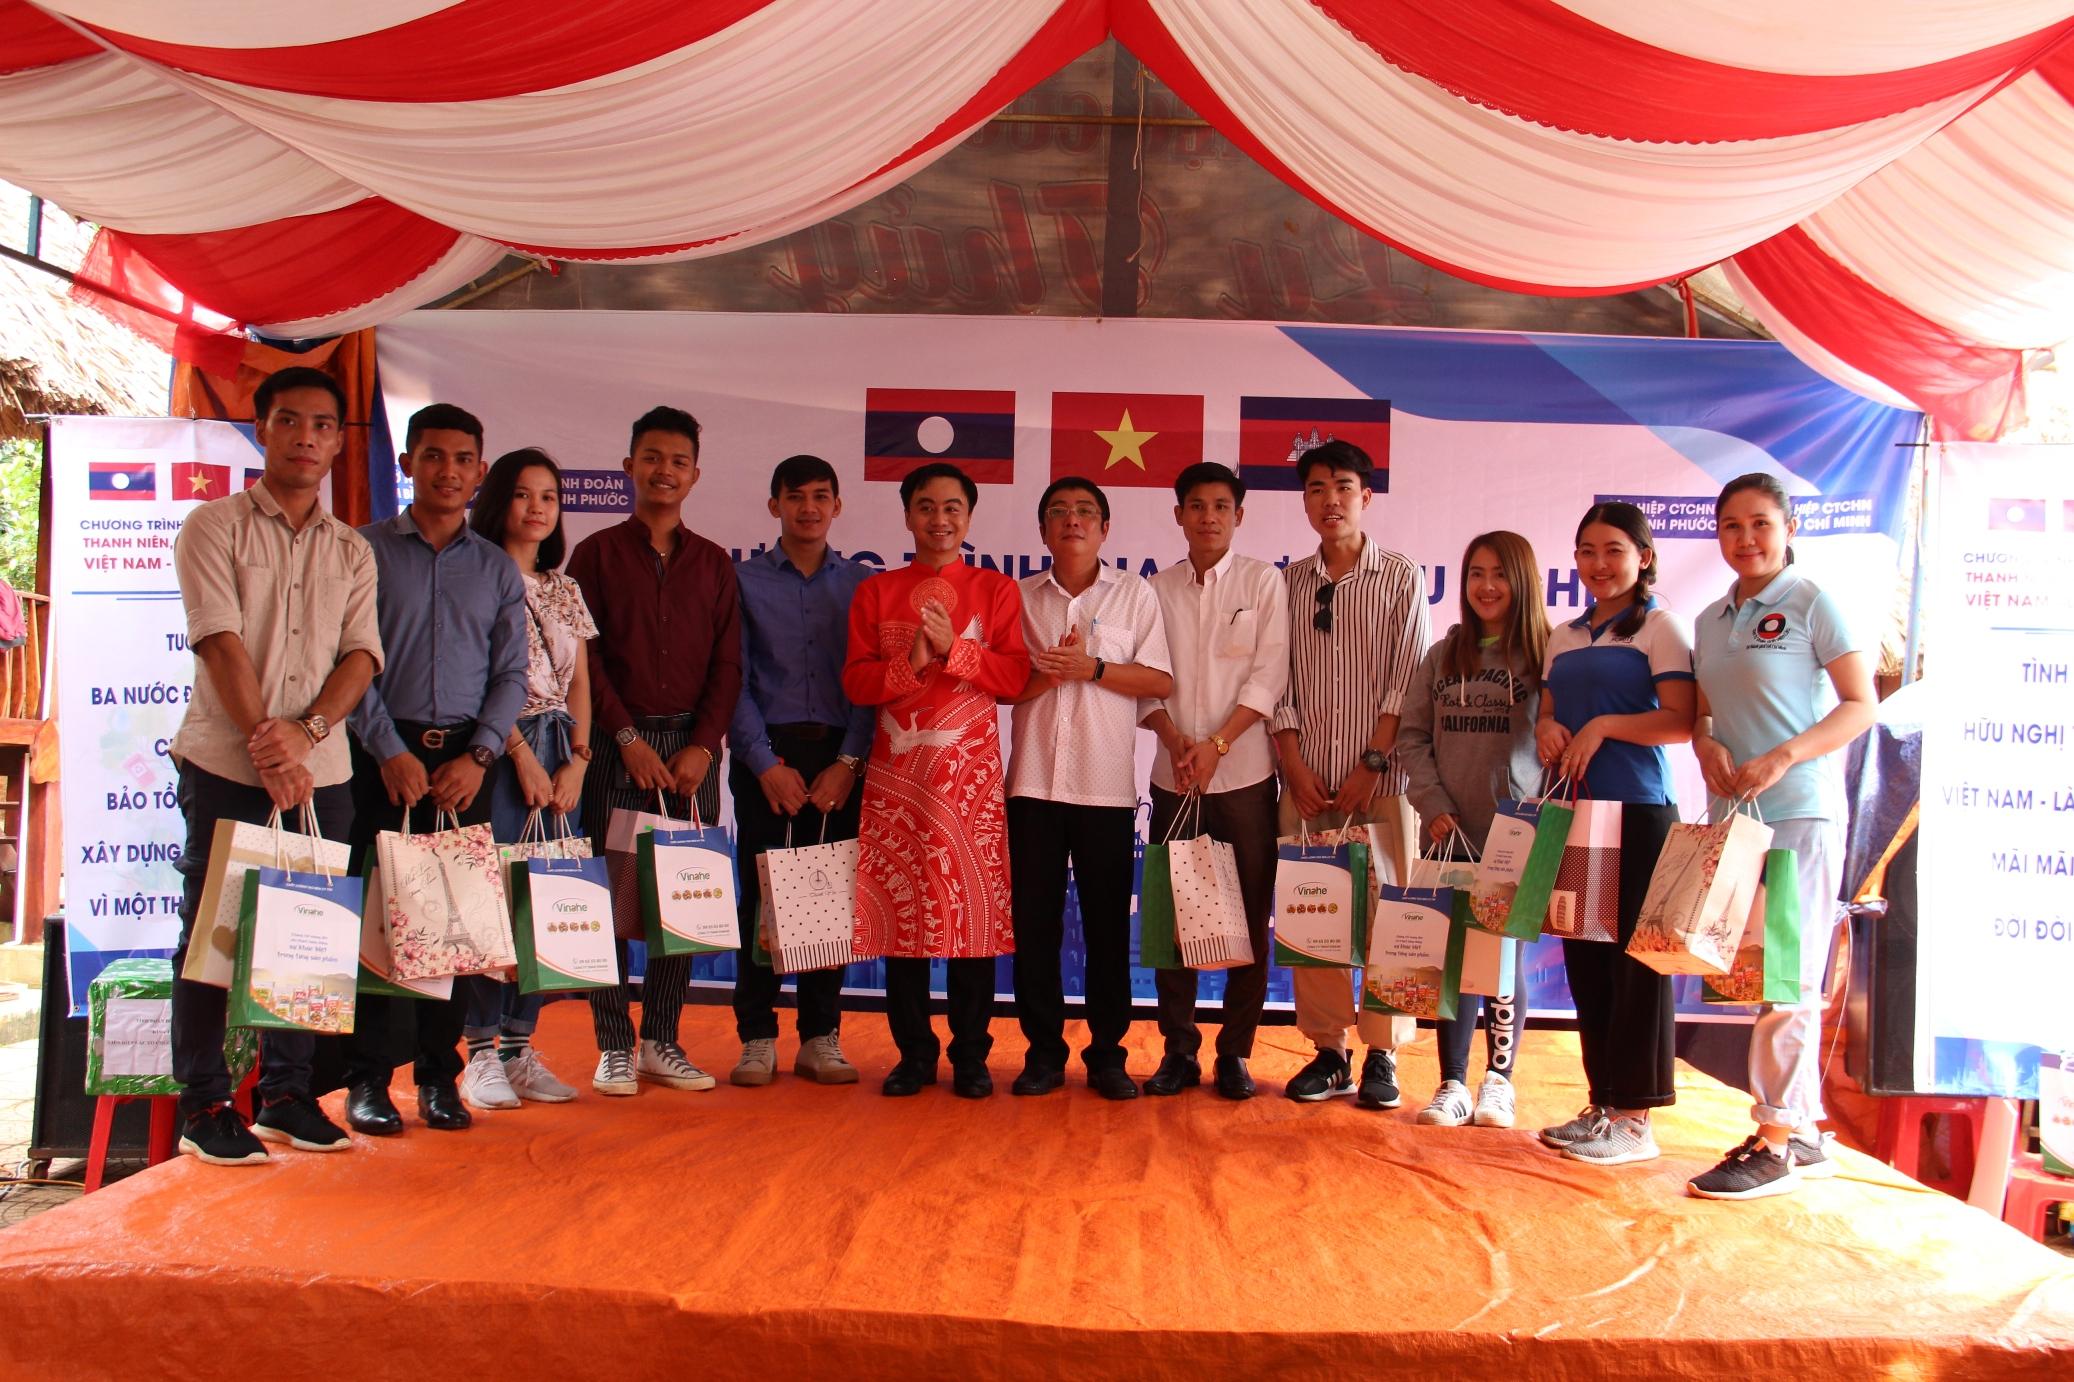 Bí thư Tỉnh Đoàn Trần Quốc Duy (mặc áo dài đỏ) và Phó Giám đốc Sở Ngoại vụ tỉnh Bình Phước tỉnh Bình Phước Bùi Quốc Khánh (thứ sáu từ phải qua) tặng quà cho sinh viên Campuchia và Lào